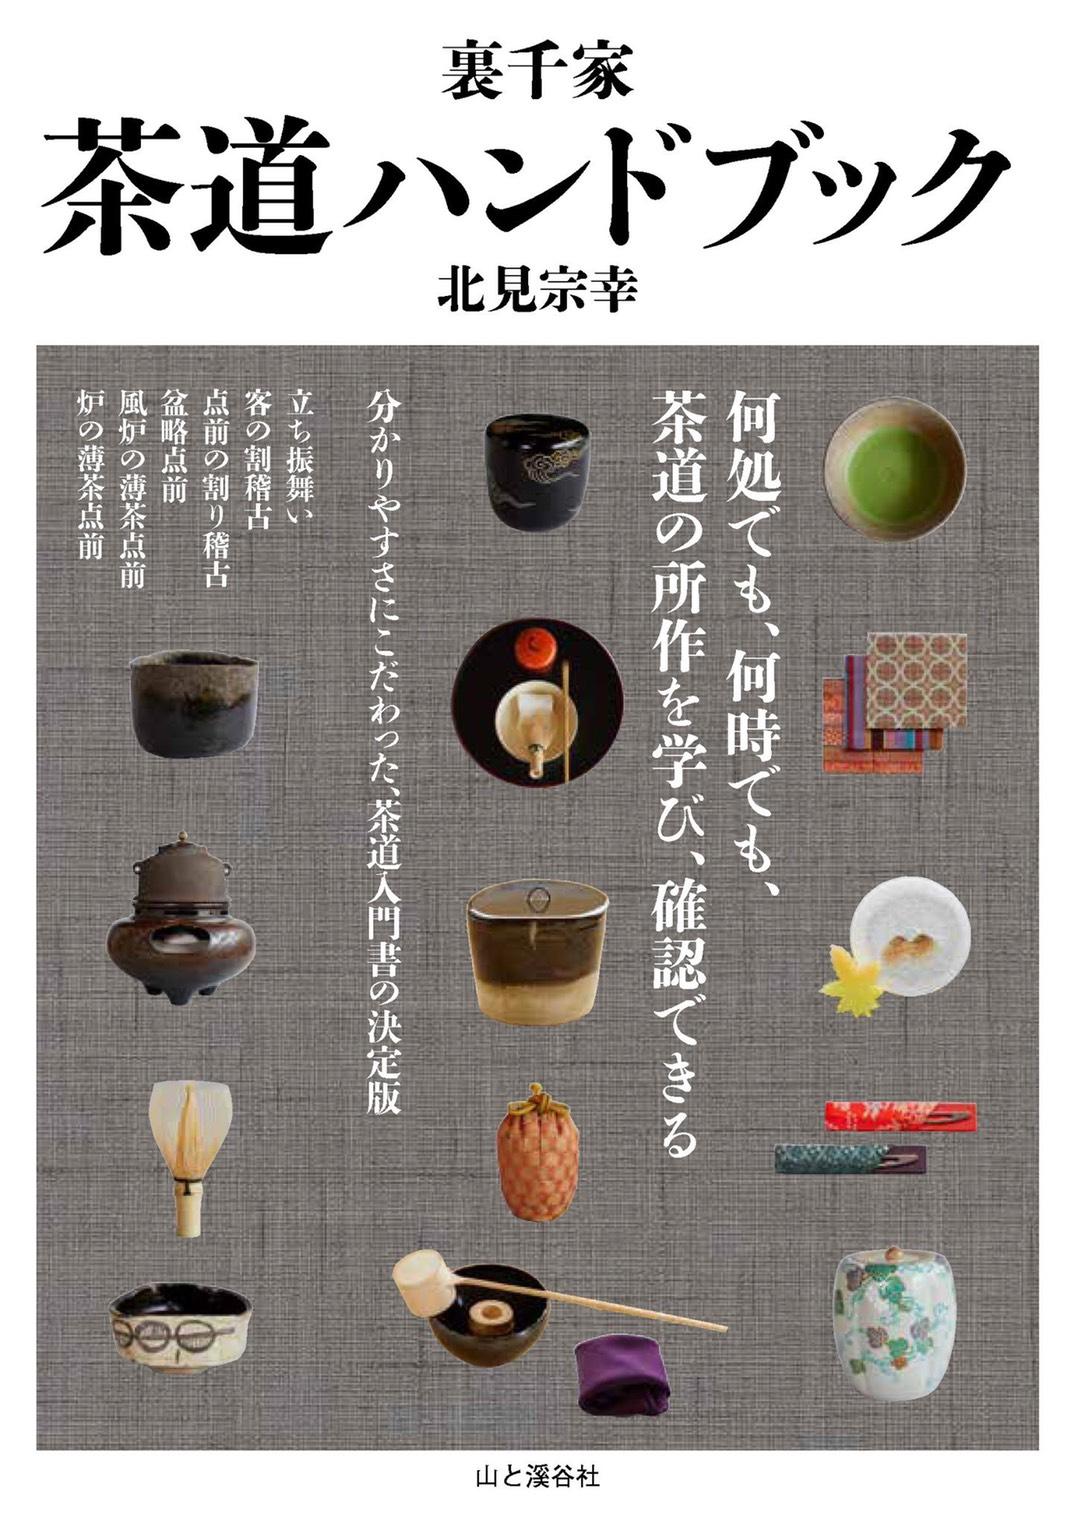 『裏千家 茶道ハンドブック』北見宗幸(山と渓谷社)